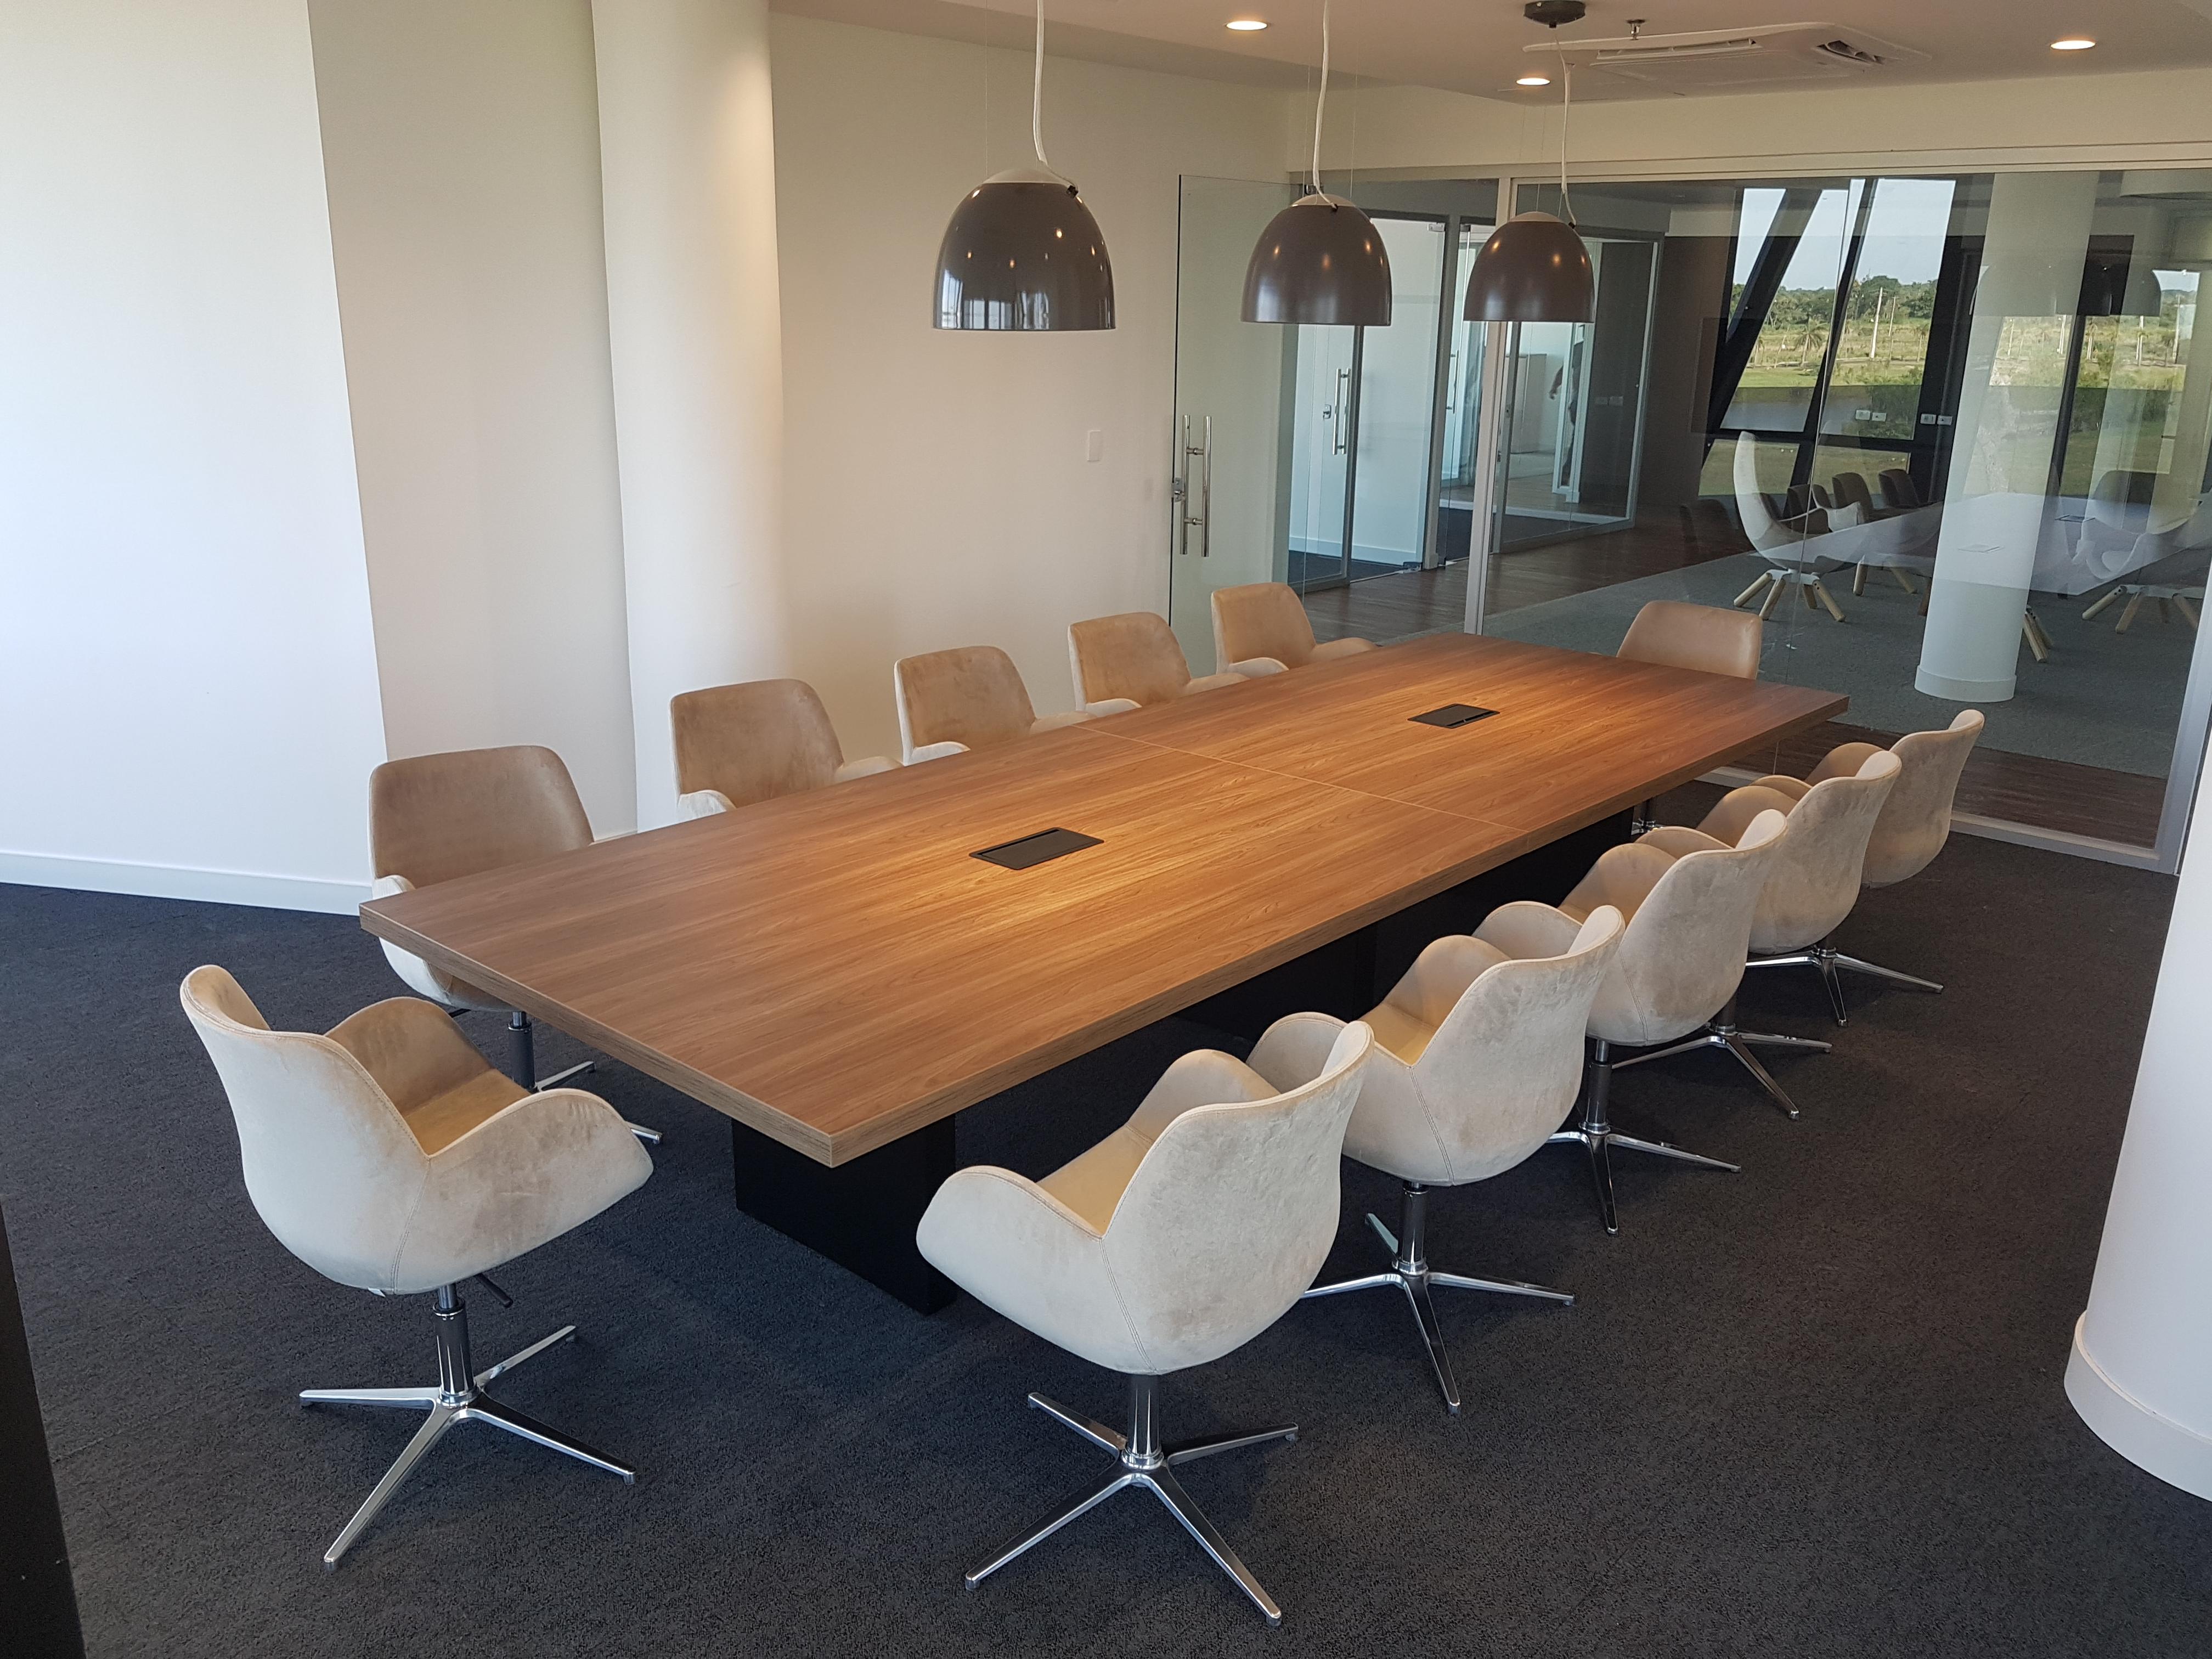 Sala de reunião - Envapar